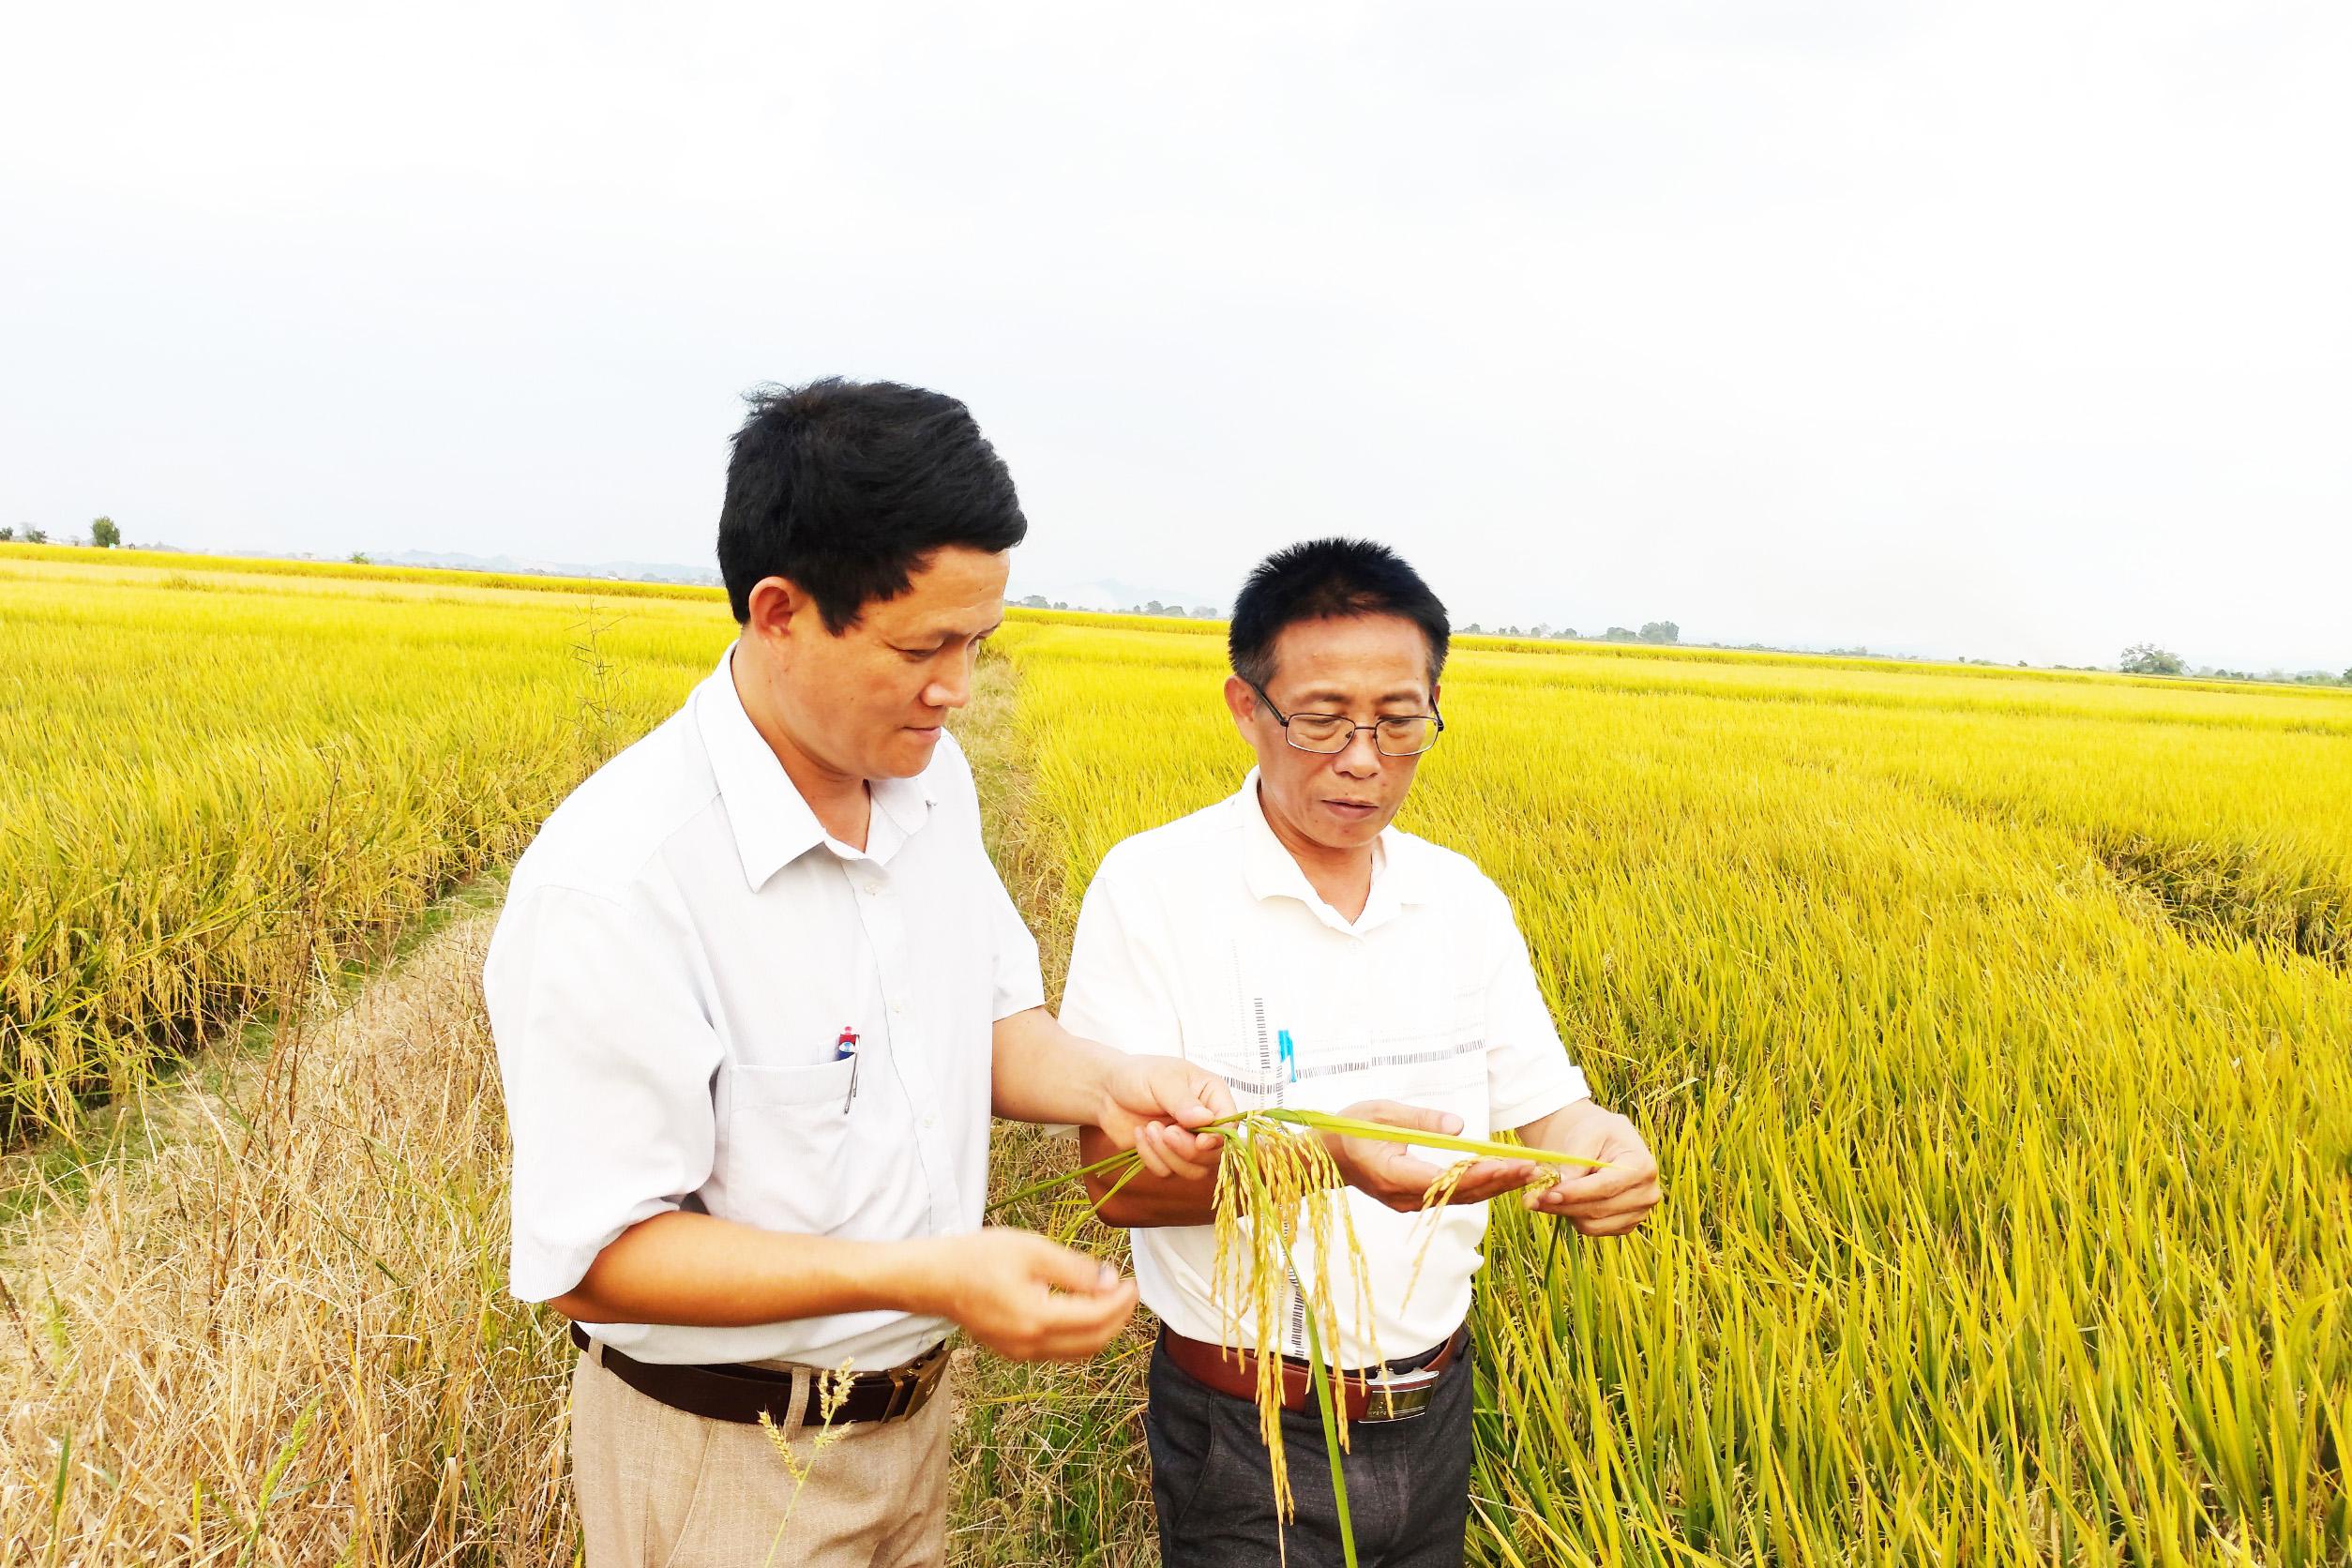 Mùa vàng trên cánh đồng năng suất cao nhất Tây Nguyên - Ảnh 4.